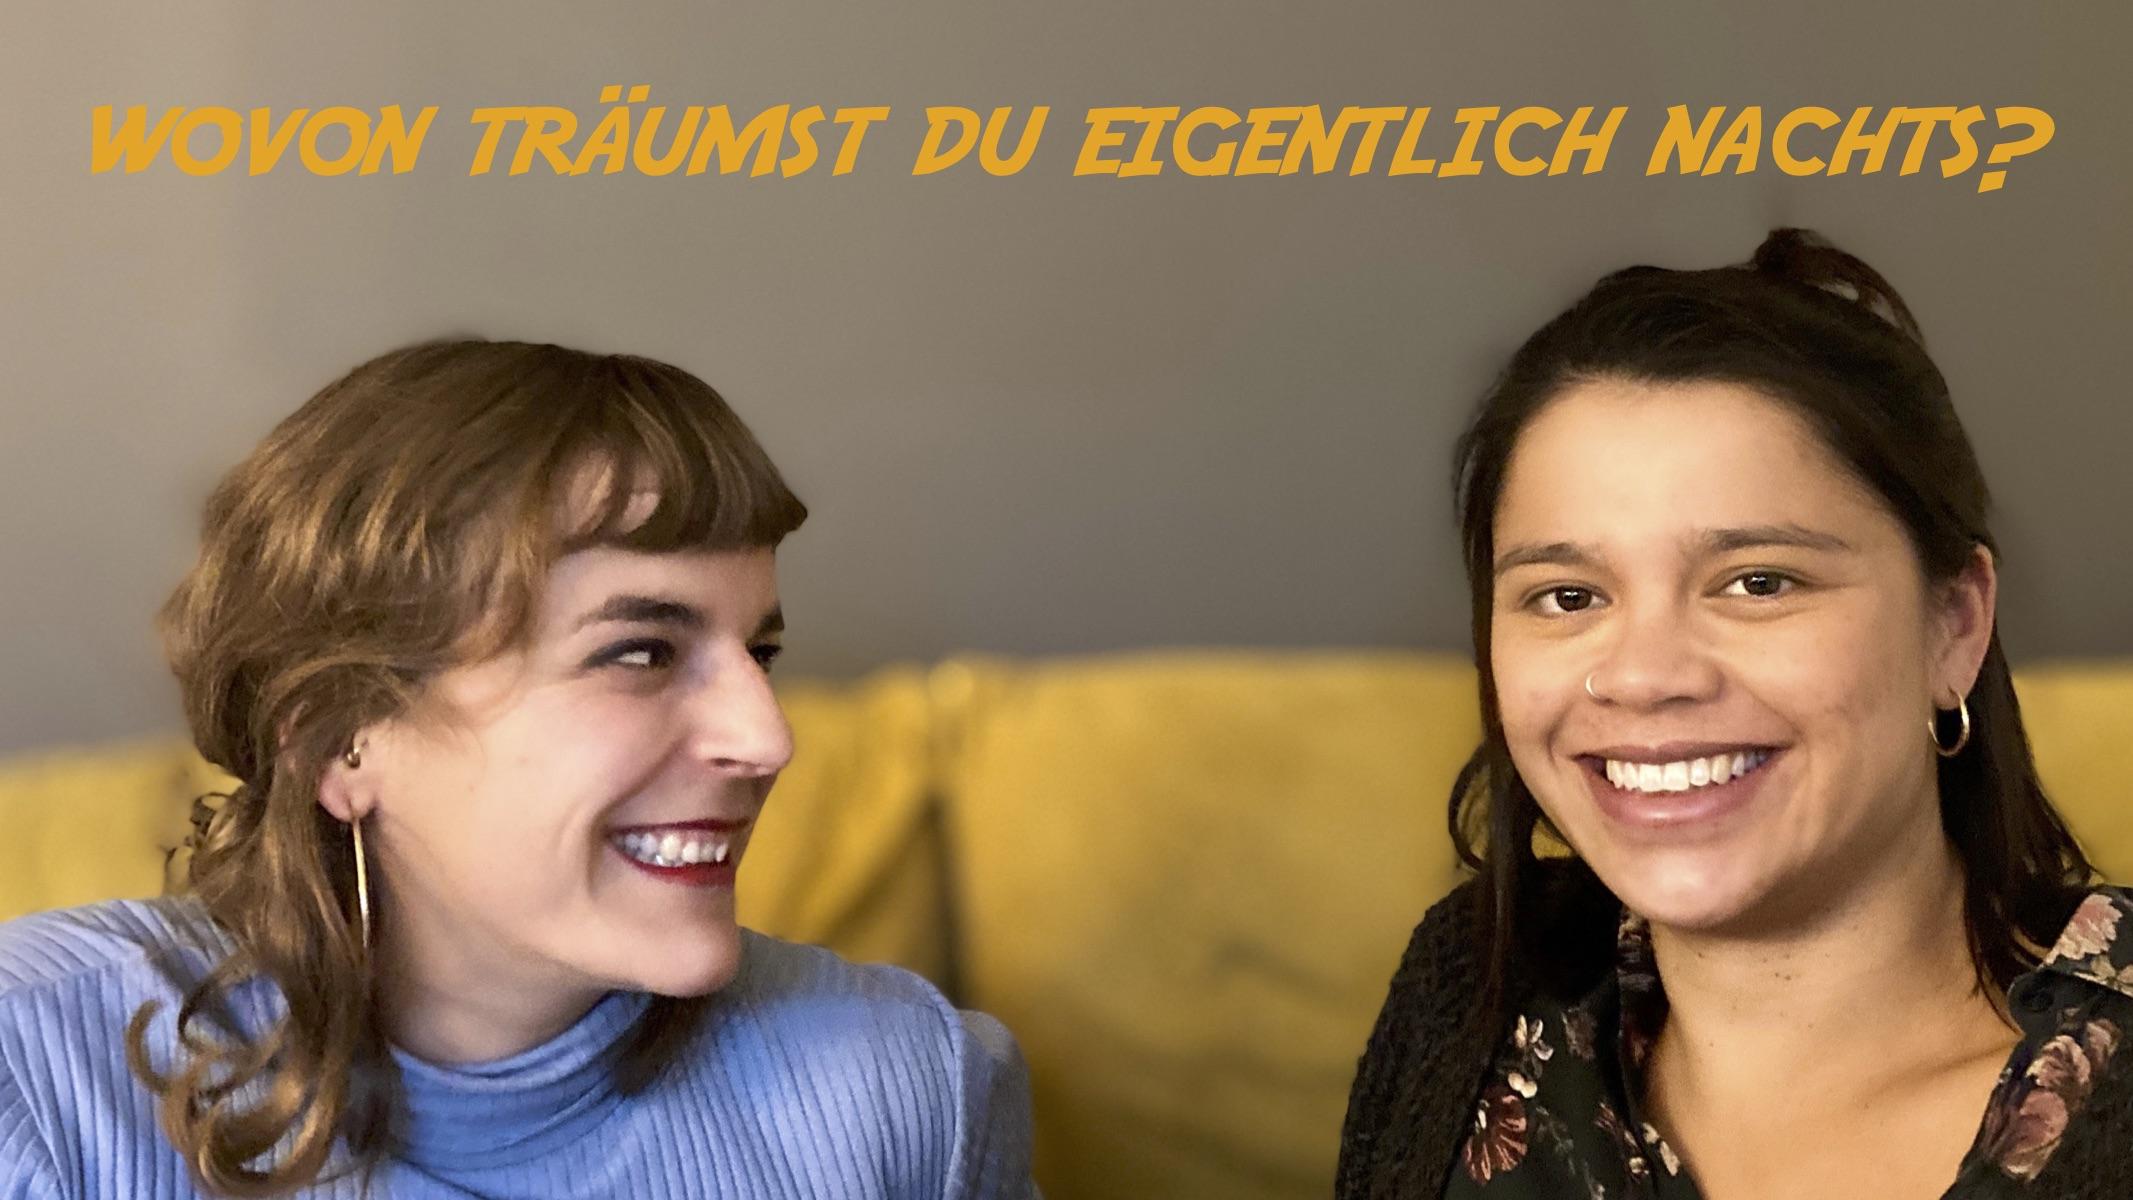 Bild: ufuq.de